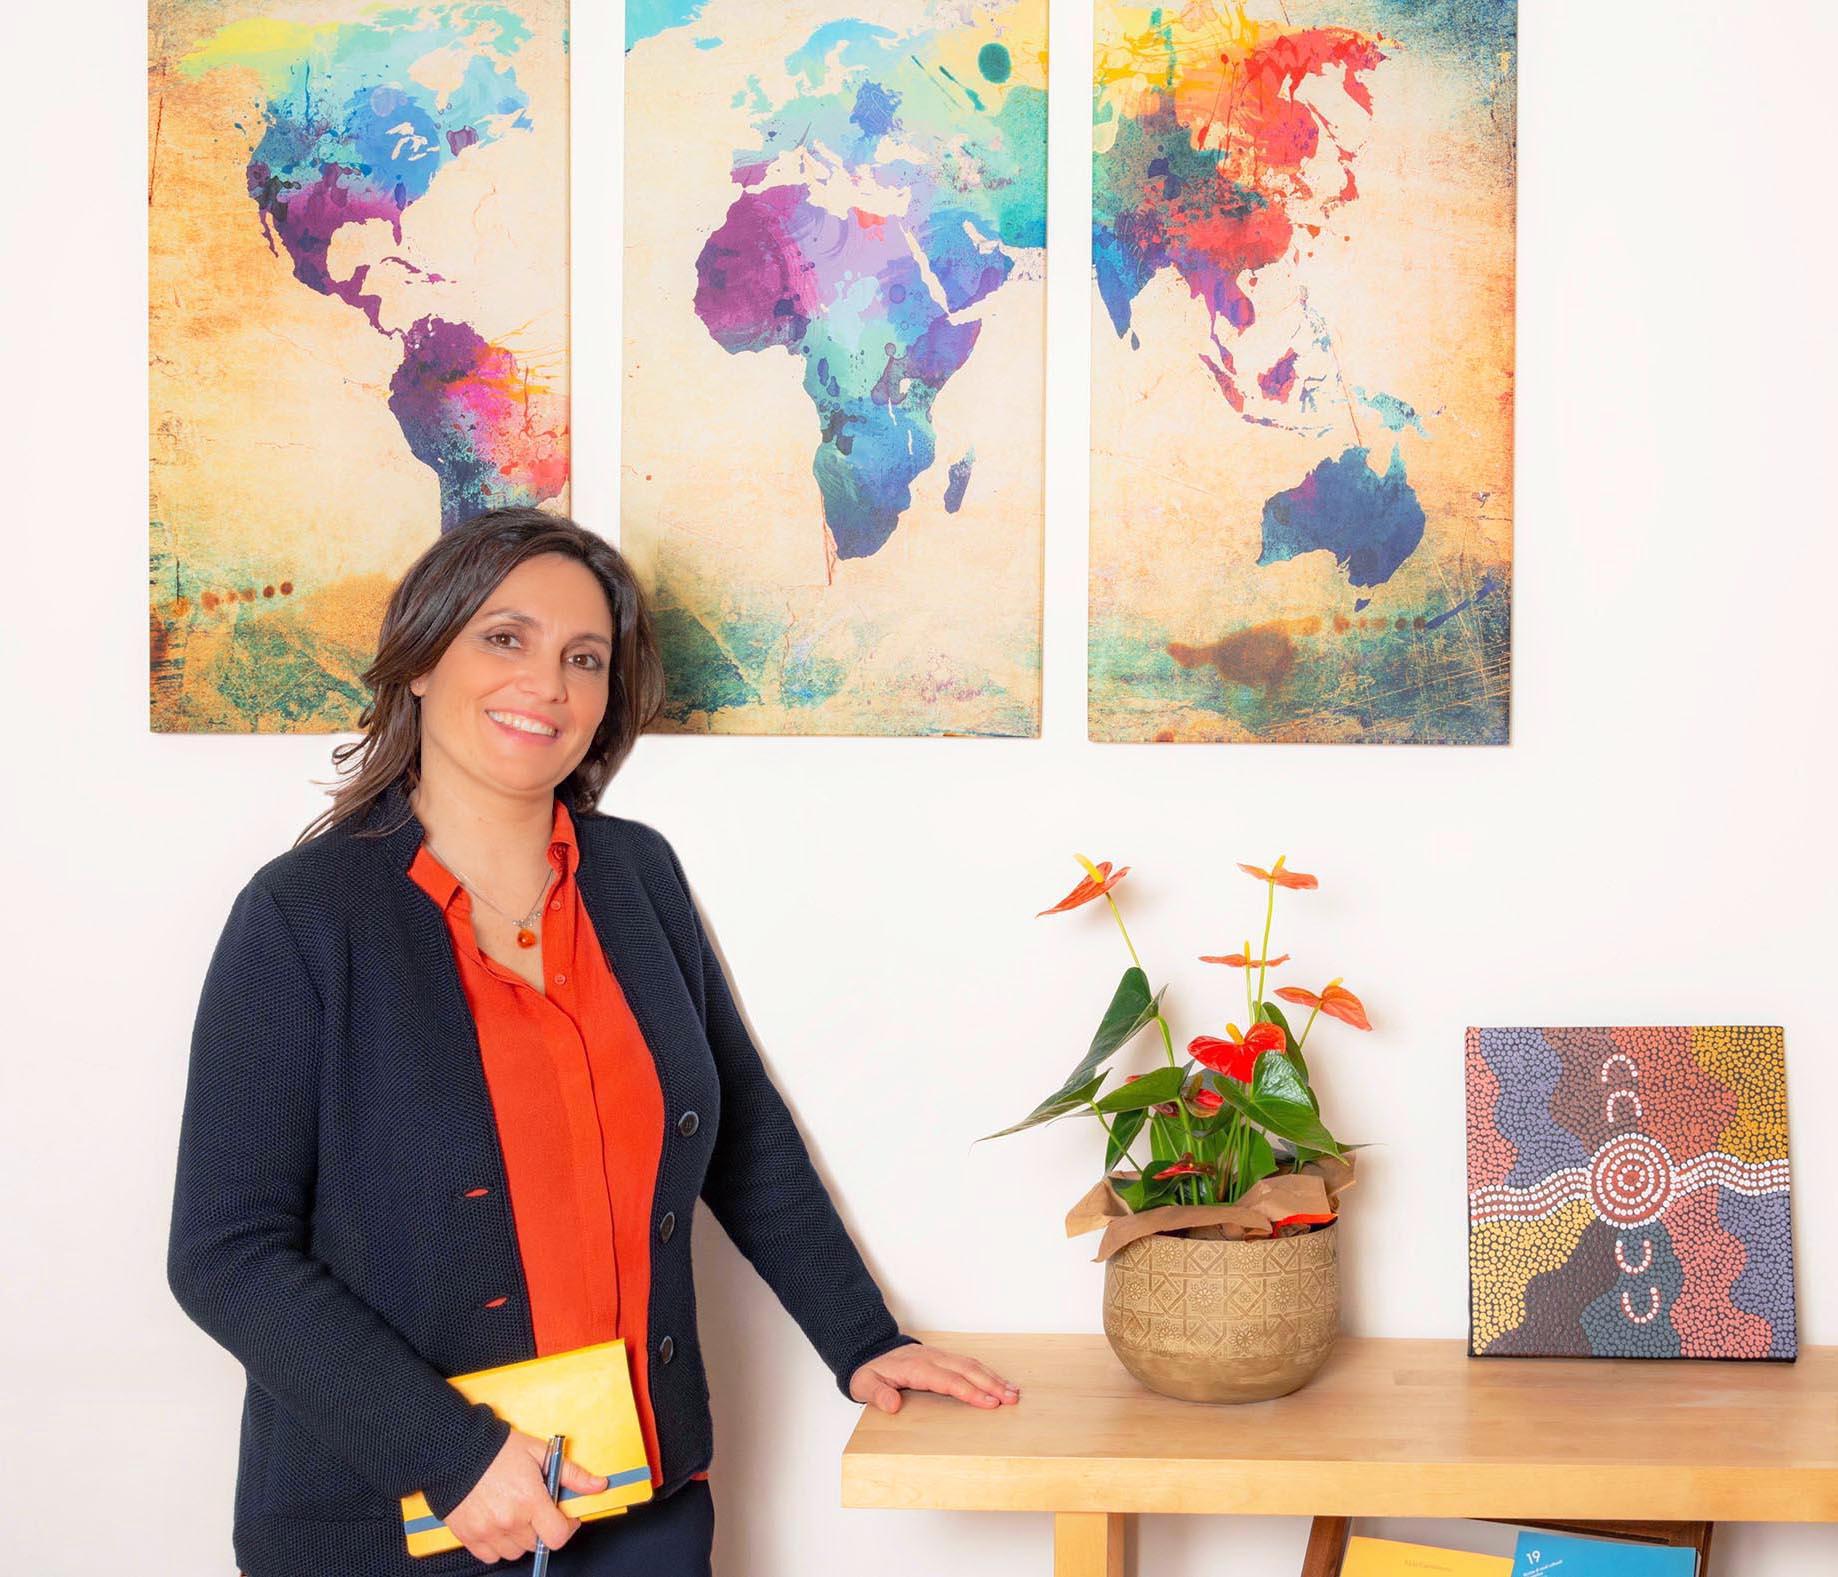 Anna Graziani